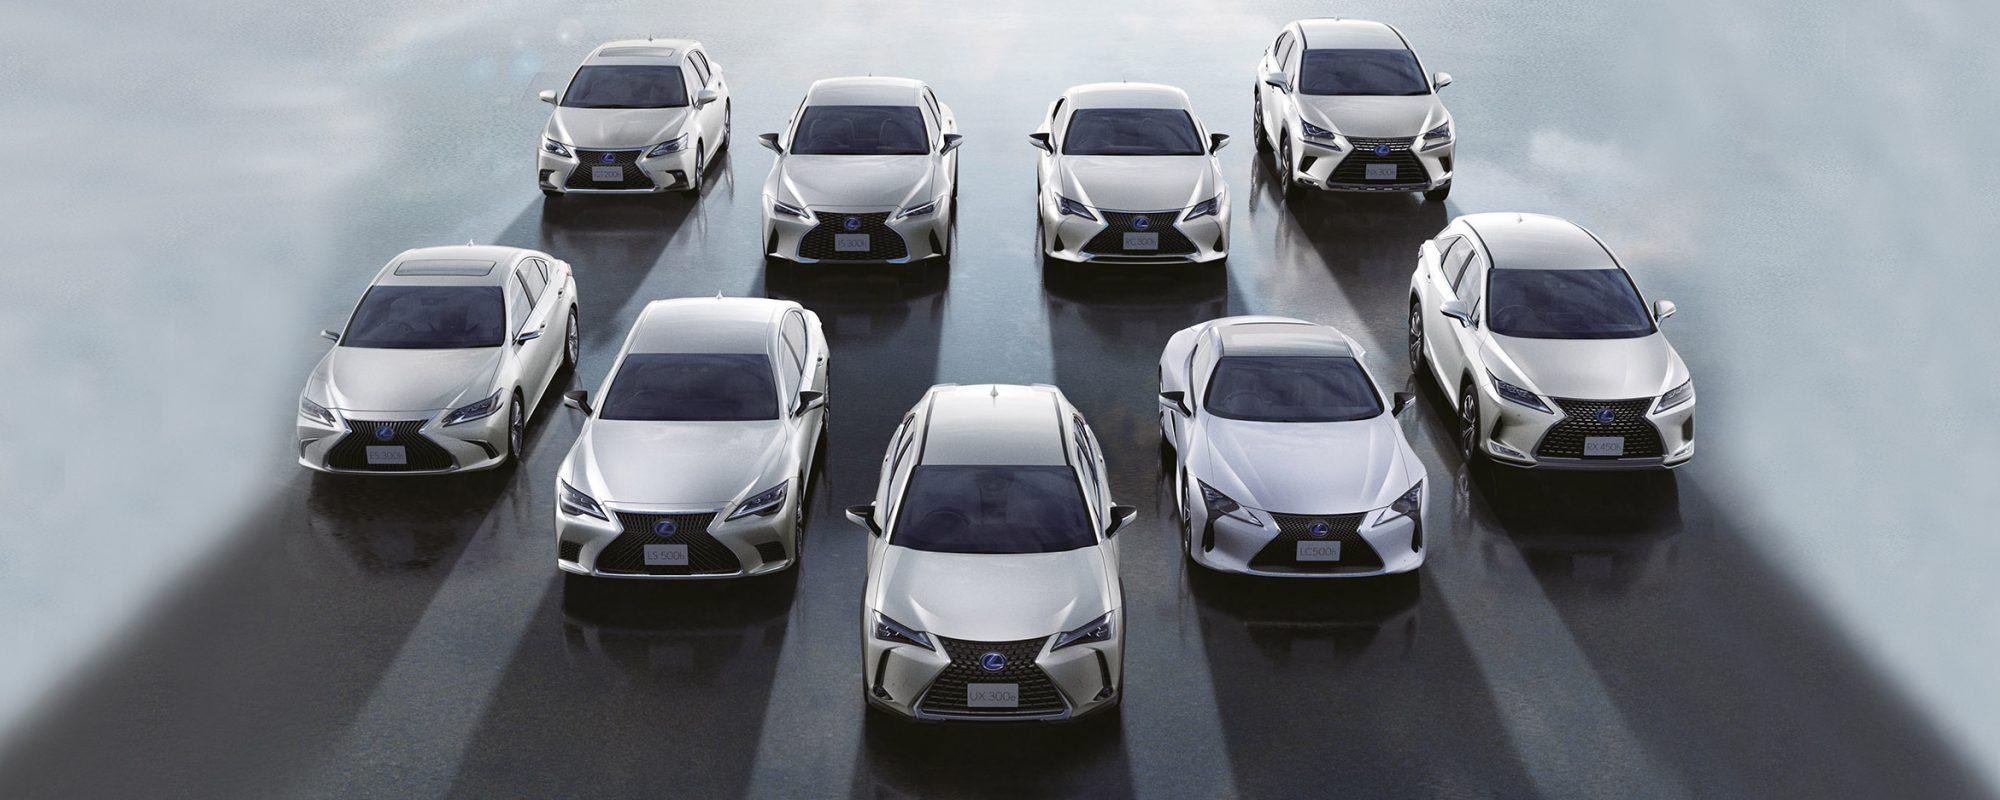 Lexus bereikt groene mijlpaal van 2miljoen geëlektrificeerde voertuigen wereldwijd